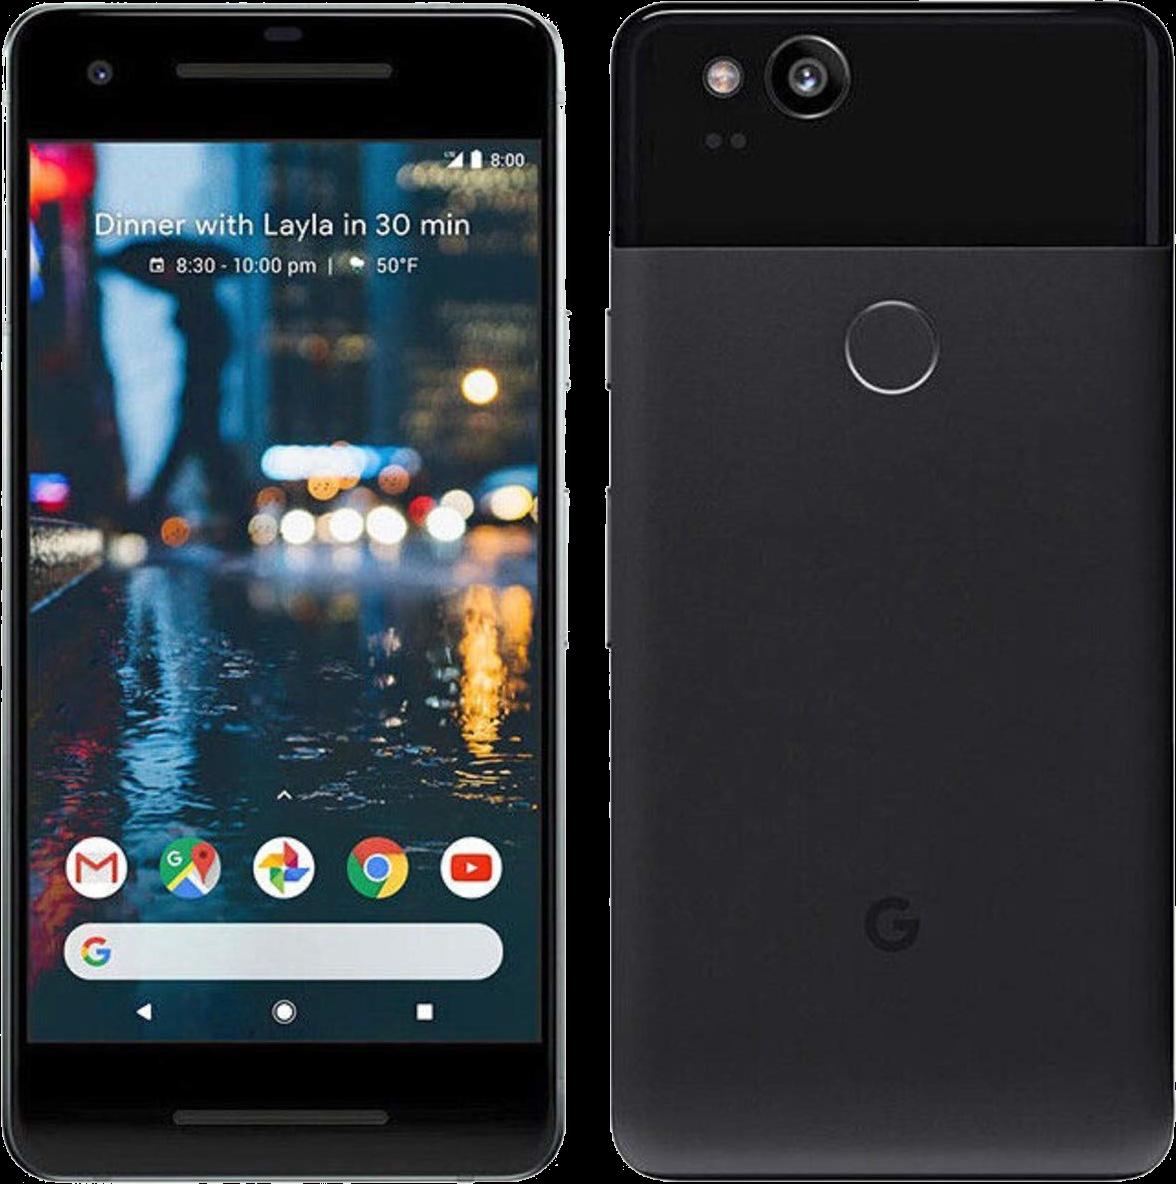 Google Pixel 2 (walleye)